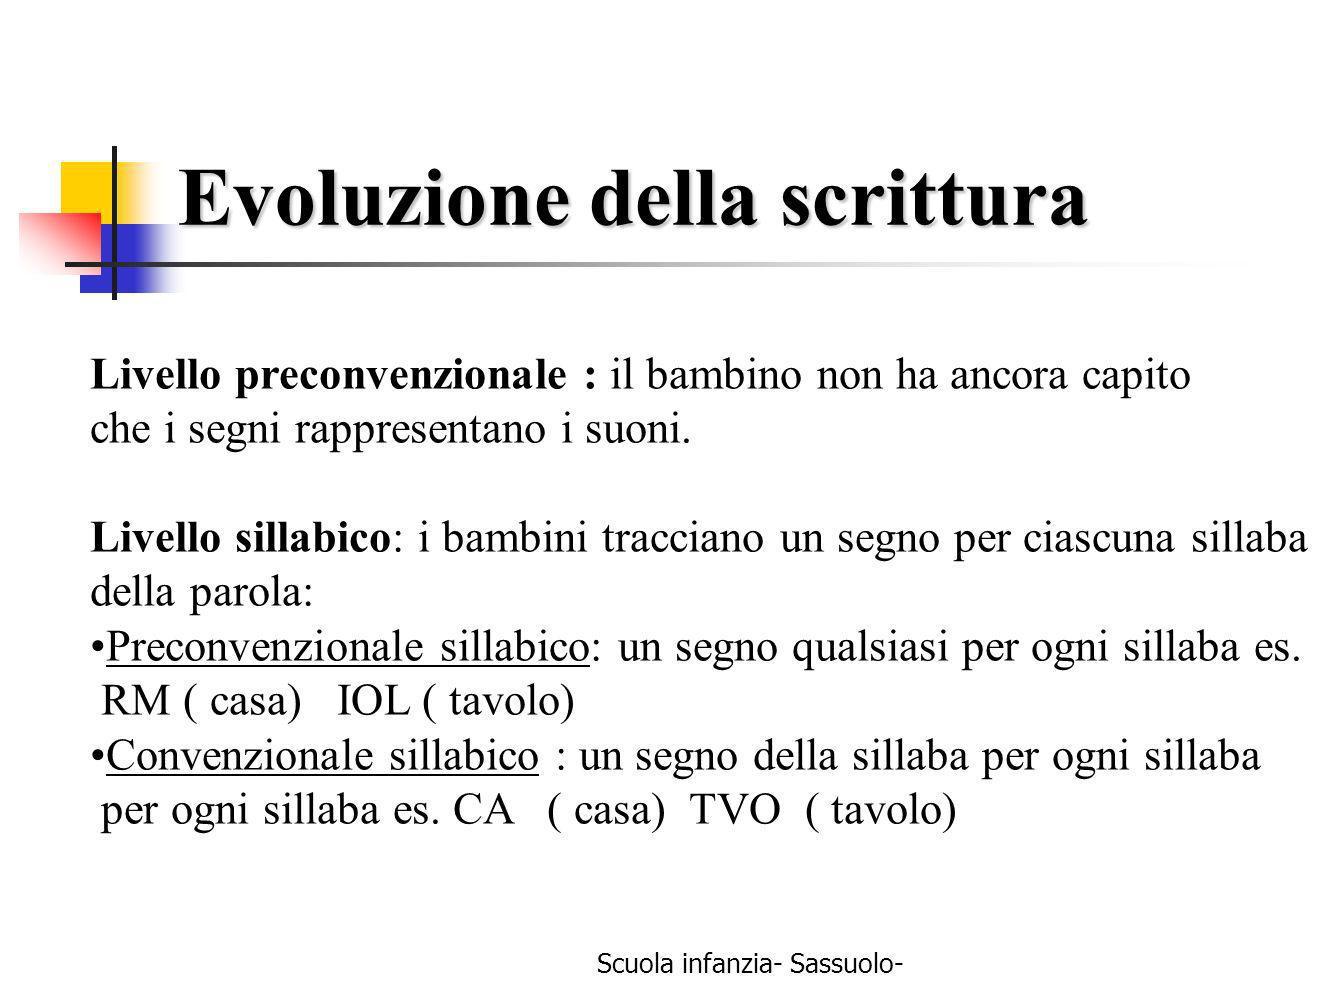 Scuola infanzia- Sassuolo- Evoluzione della scrittura Livello preconvenzionale : il bambino non ha ancora capito che i segni rappresentano i suoni. Li